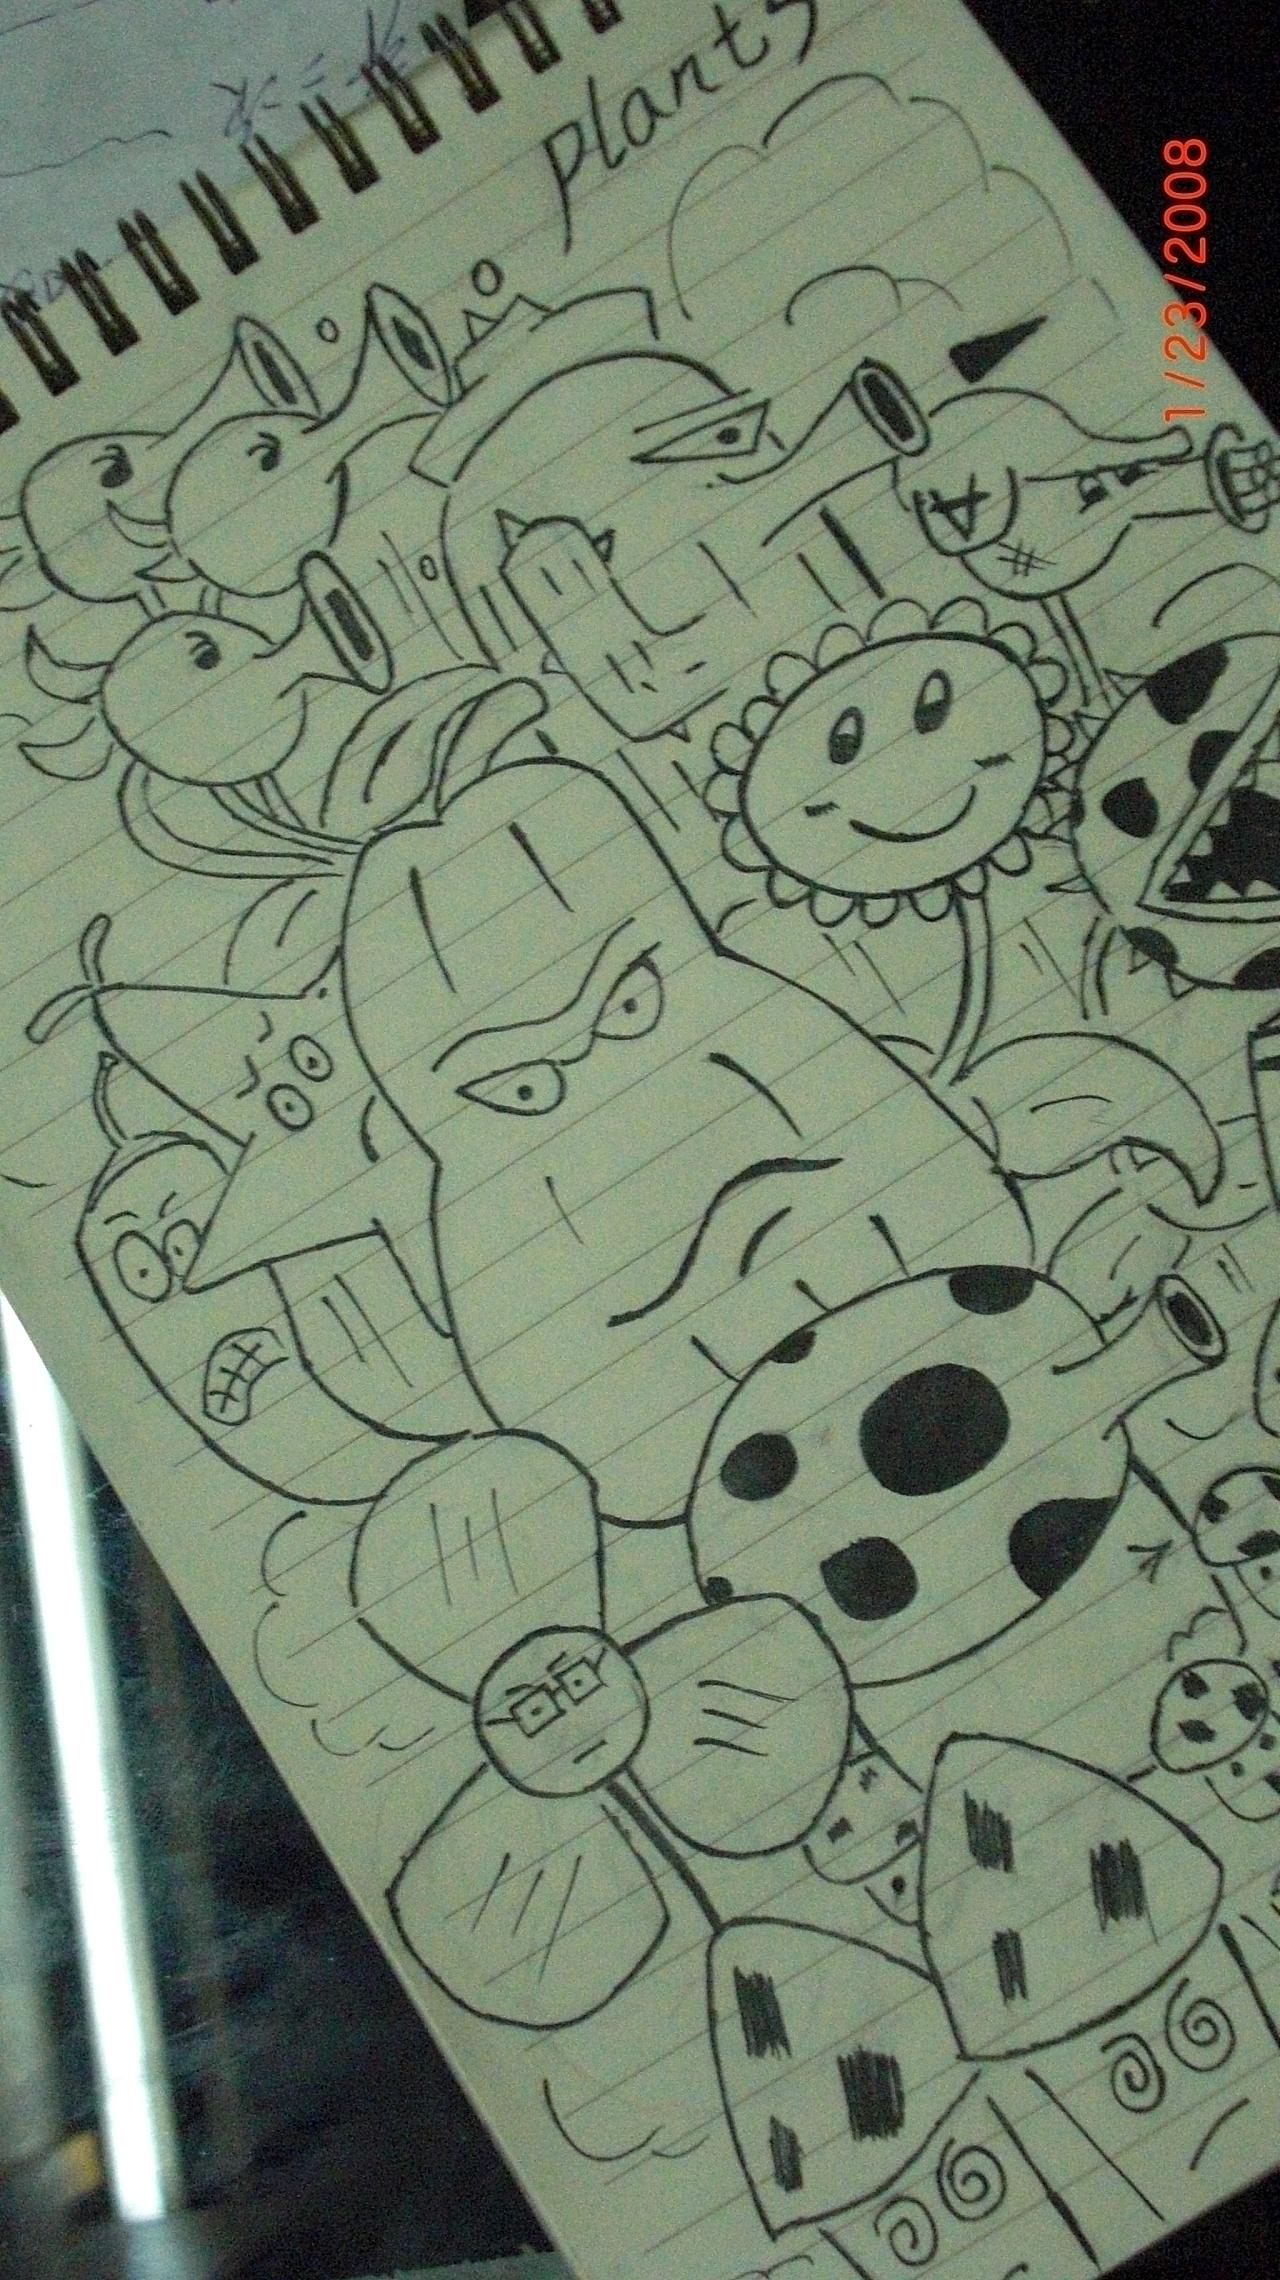 插画商业植物人|大战|插画僵尸|捣乱3-原创作品qq游戏qq超市游戏玩法图片